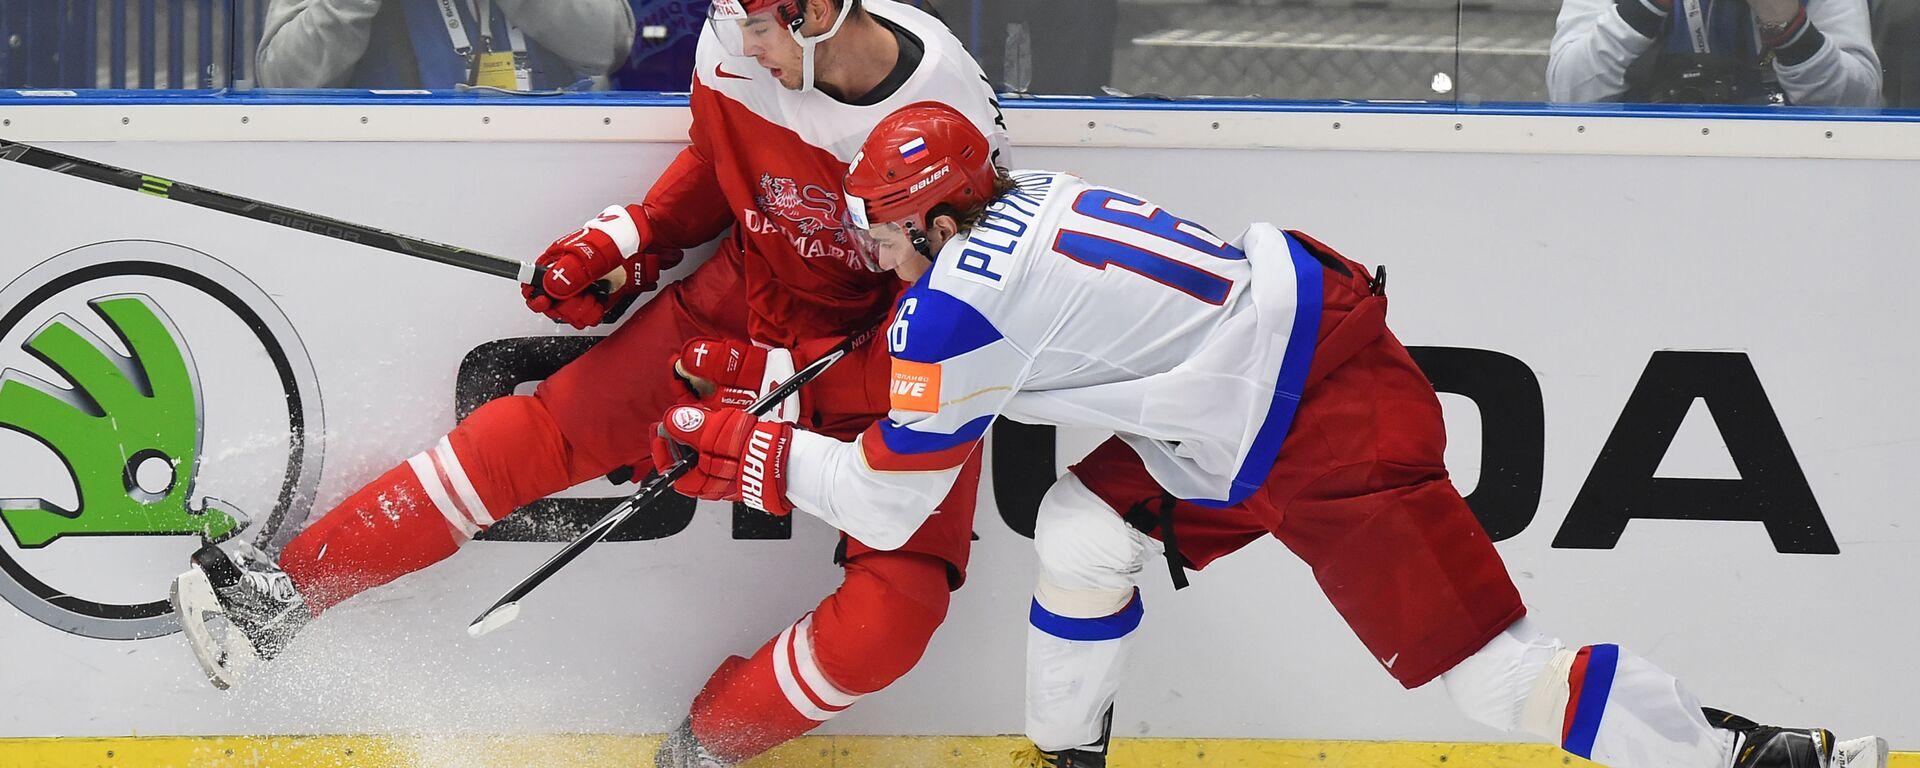 Ruský hokejista Sergej Plotnikov a dánský hráč Markus Lauridsen na MS v ledním hokeji v roce 2015 v Česku - Sputnik Česká republika, 1920, 16.01.2021